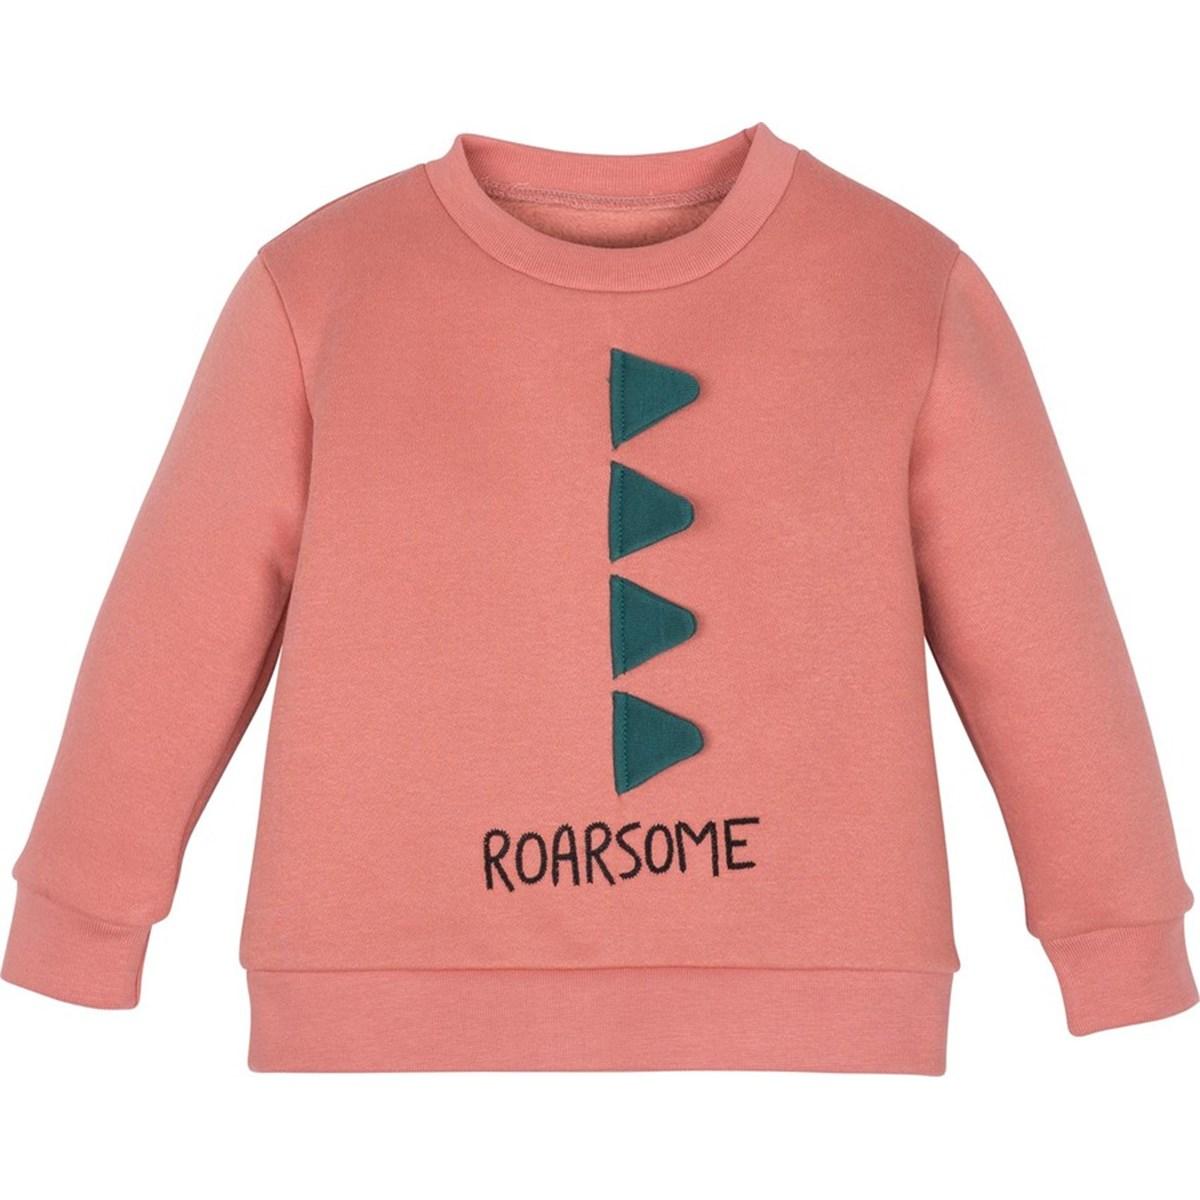 12658 Sweatshirt 1